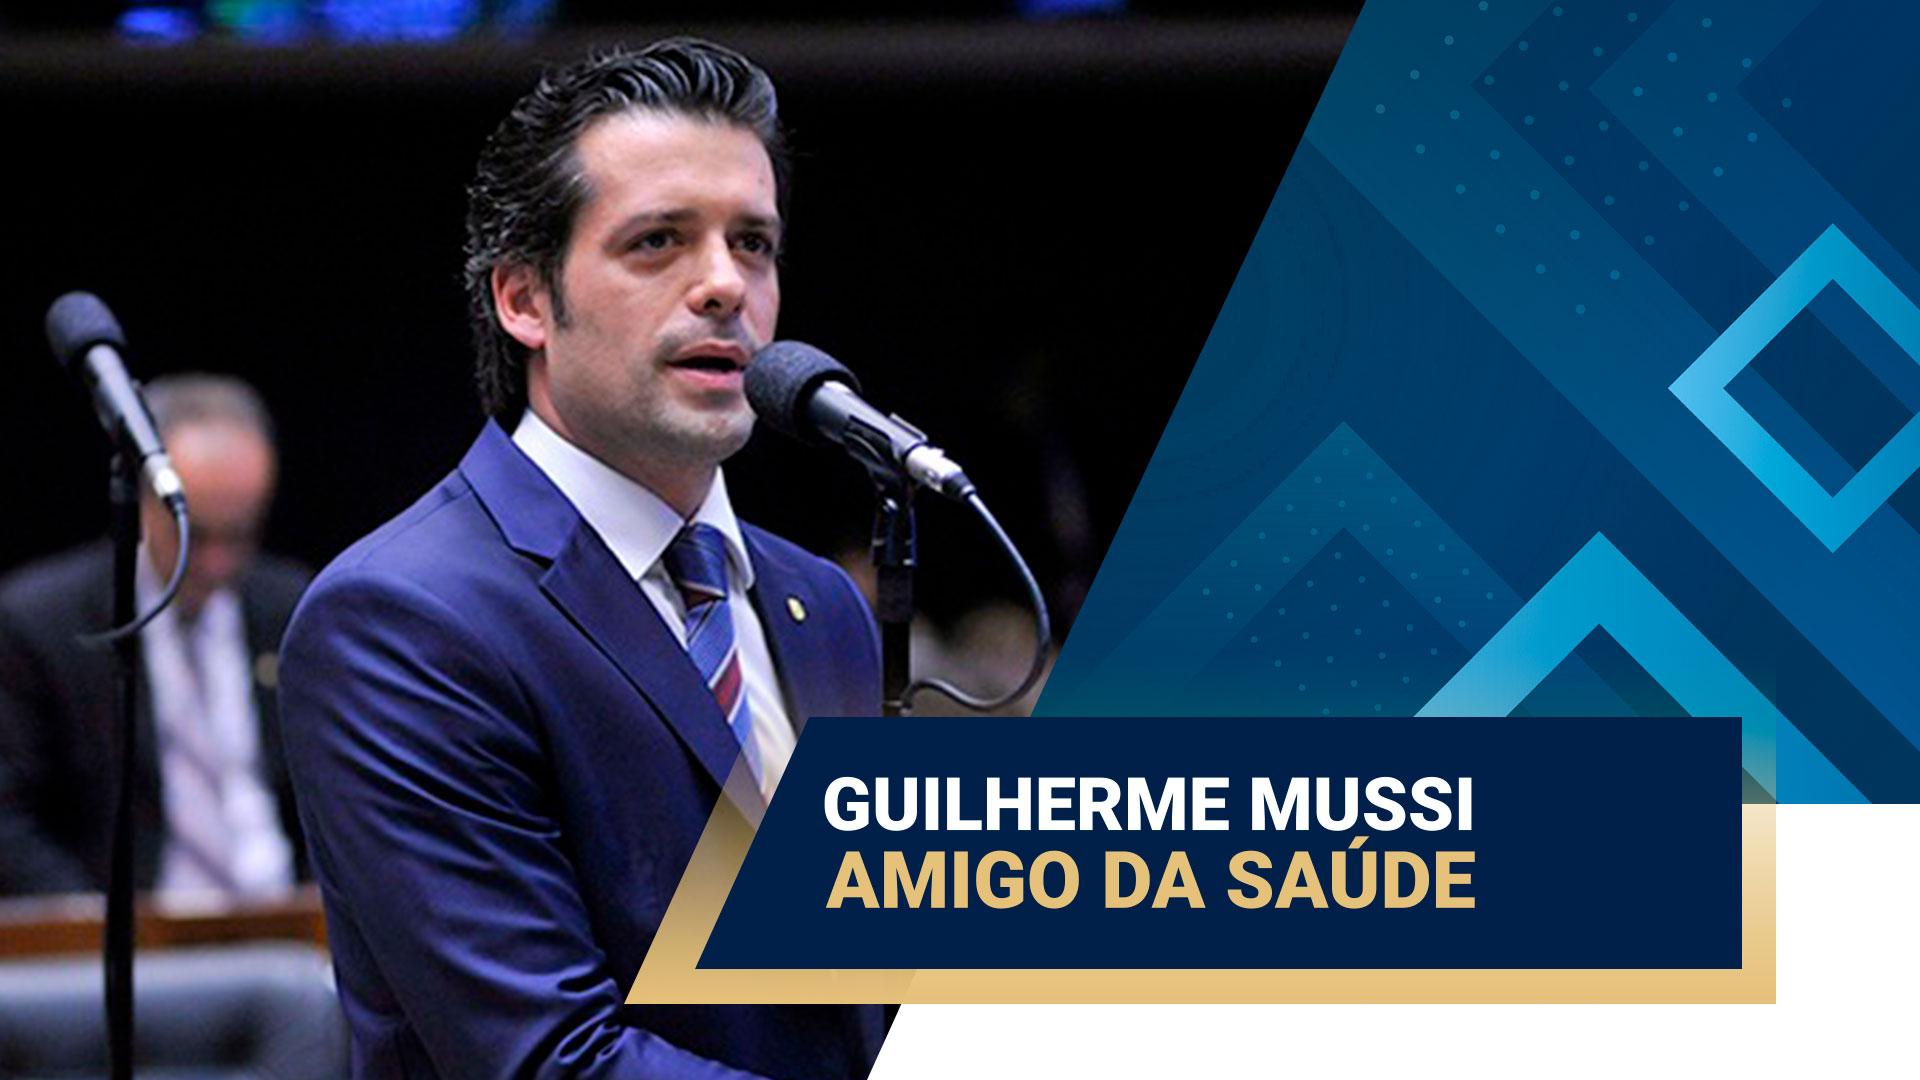 deputado-federal-guilherme-mussi-e-amigo-da-saude - Acao Comunicativa